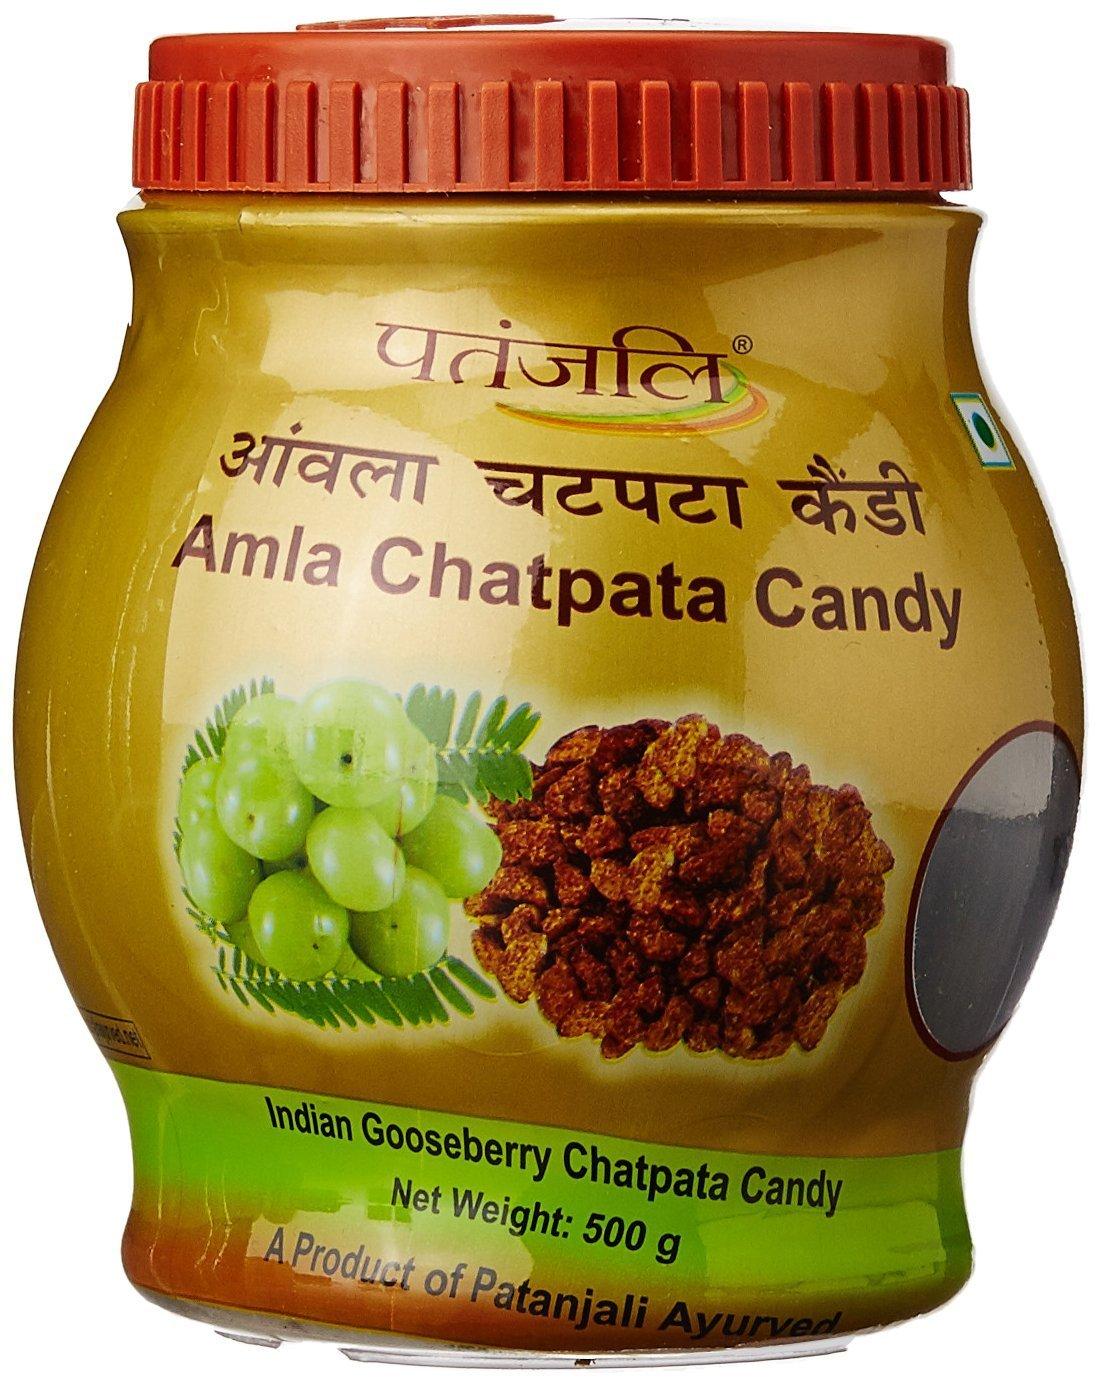 Patanjali Amla Chatpata Candy Image